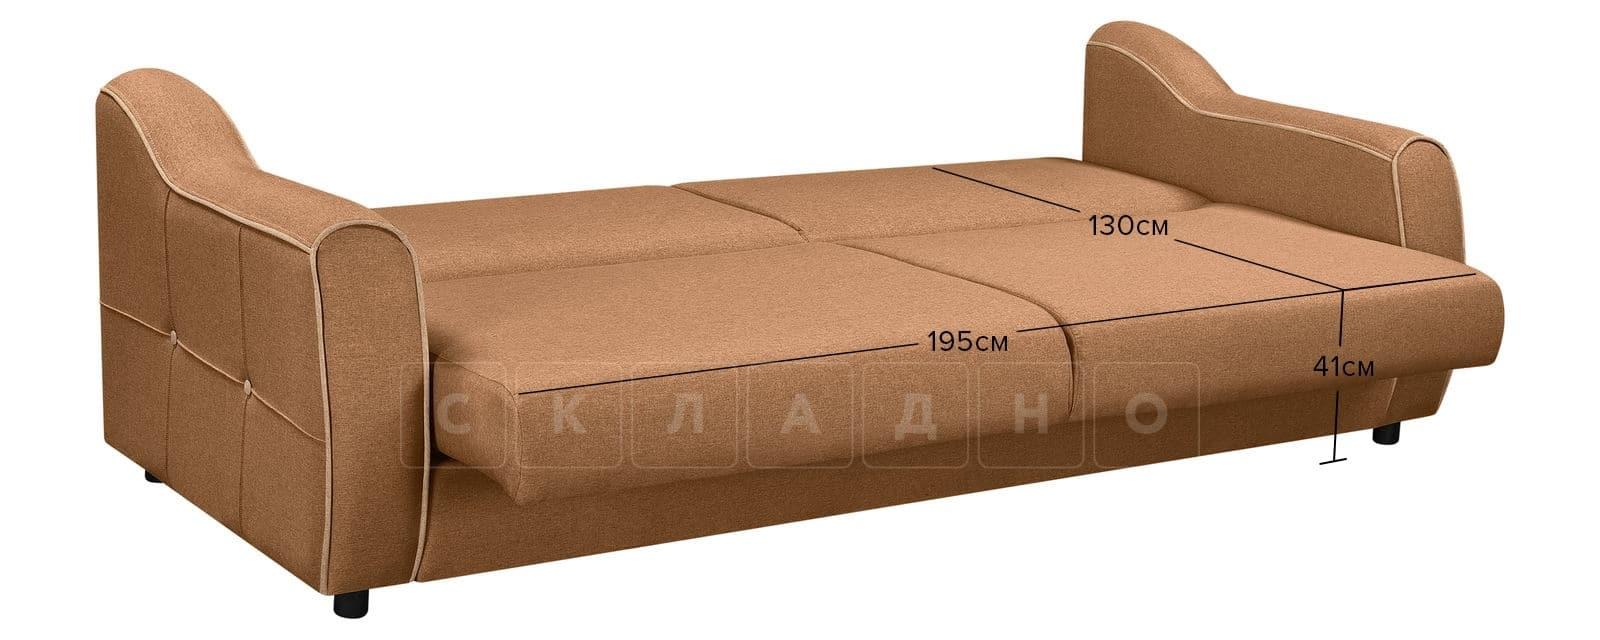 Диван Флэтфорд рогожка коричневый цвет фото 11 | интернет-магазин Складно